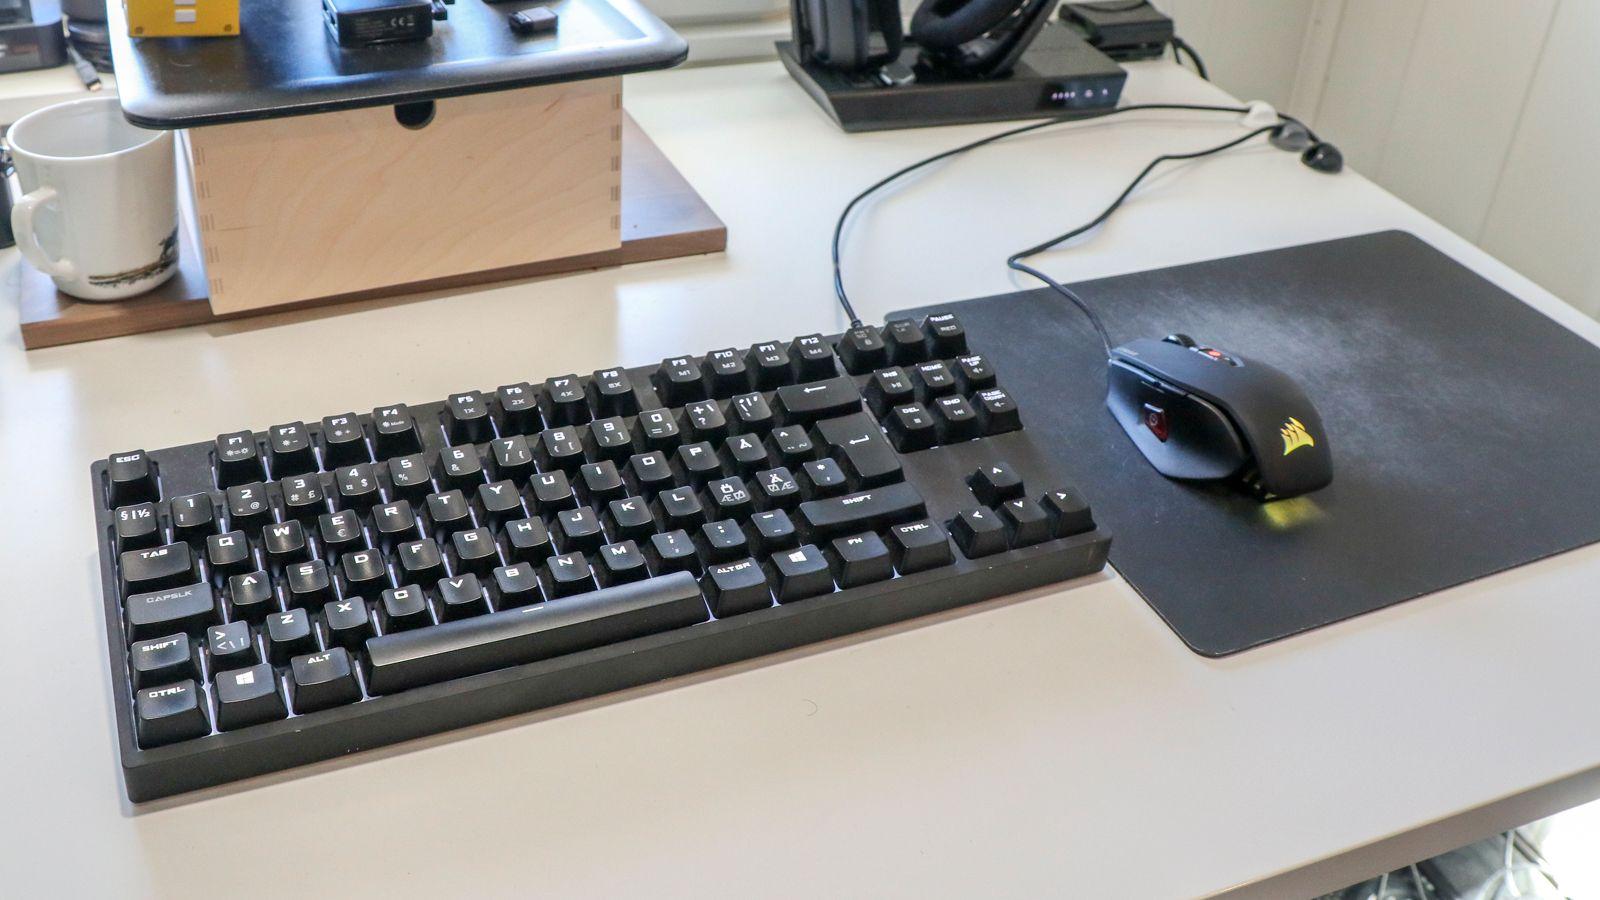 Lite ekstra dilldall, men en bokstavelig talt «killer combo» for FPS-spill, i all sin enkelthet, siden tastaturet uten numpad gir oss mye ekstra plass til peke rundt med geværet.